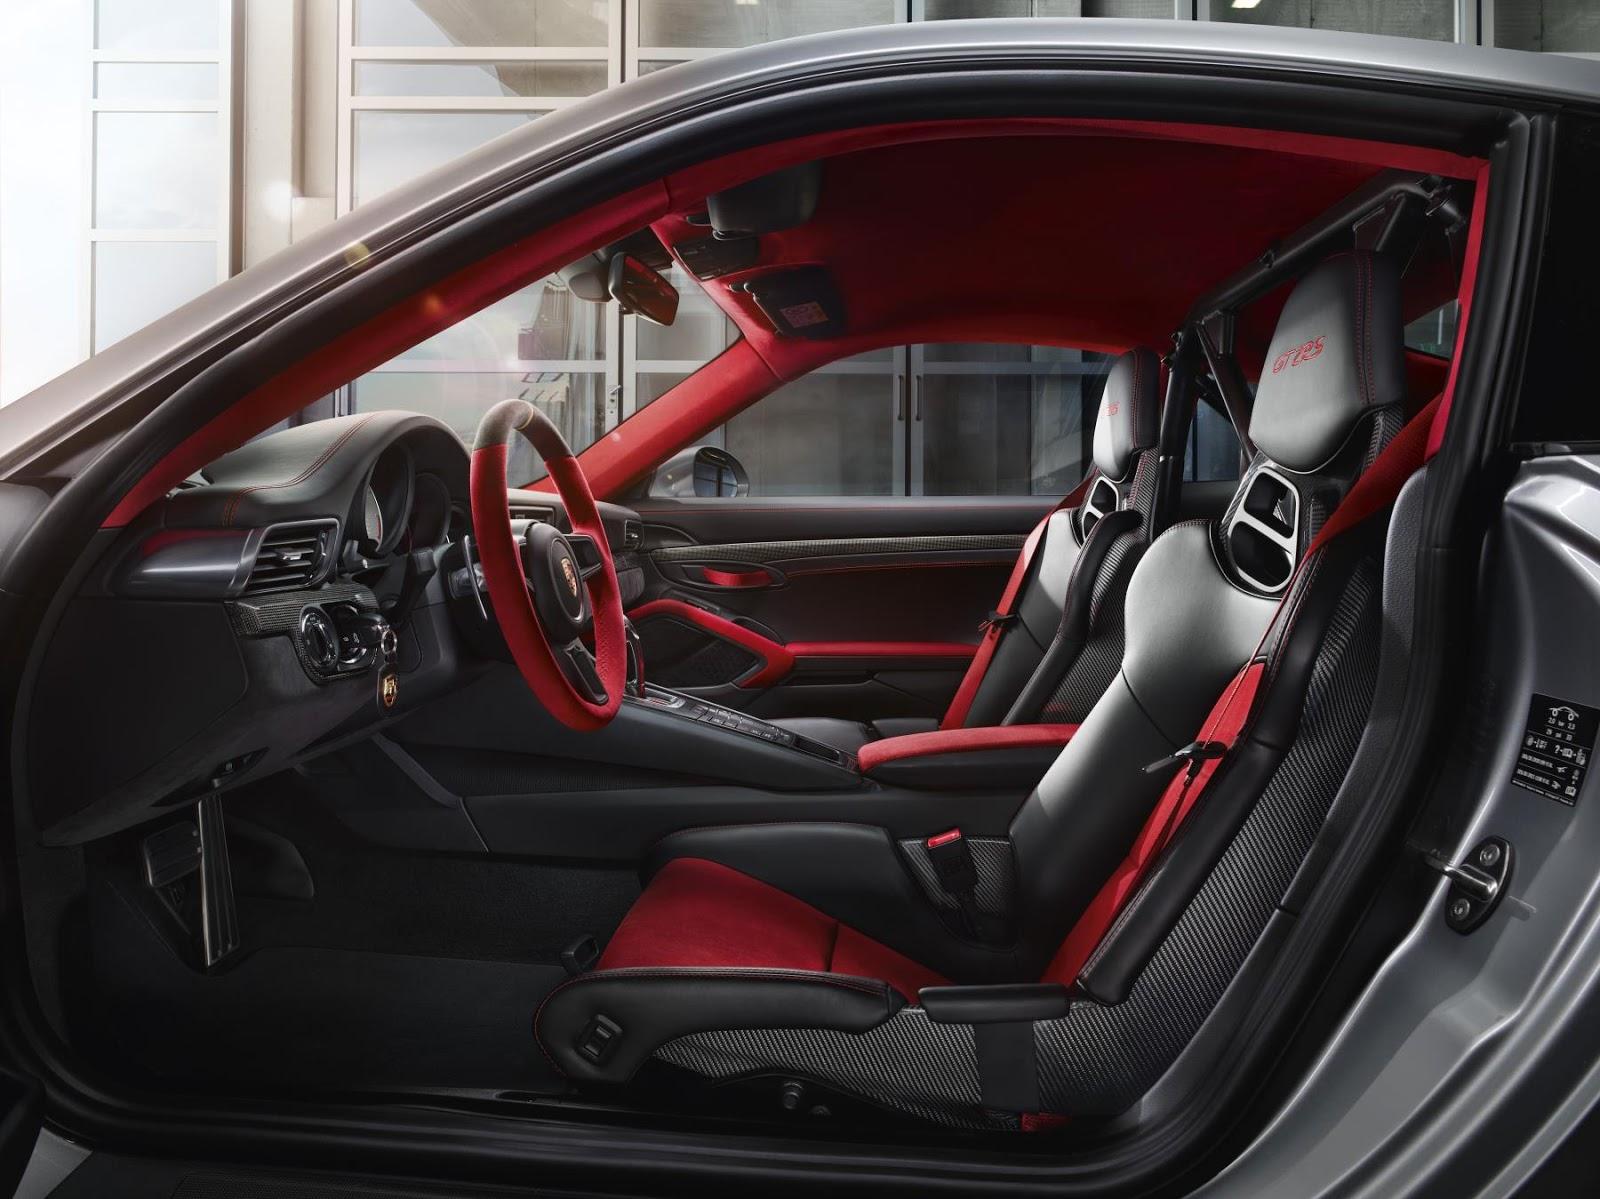 e1a1176b9056 El 911 GT2 RS y su reloj asociado están disponibles exclusivamente los  Centros Porsche de todo el mundo. El vehículo y el cronógrafo se producen  ...